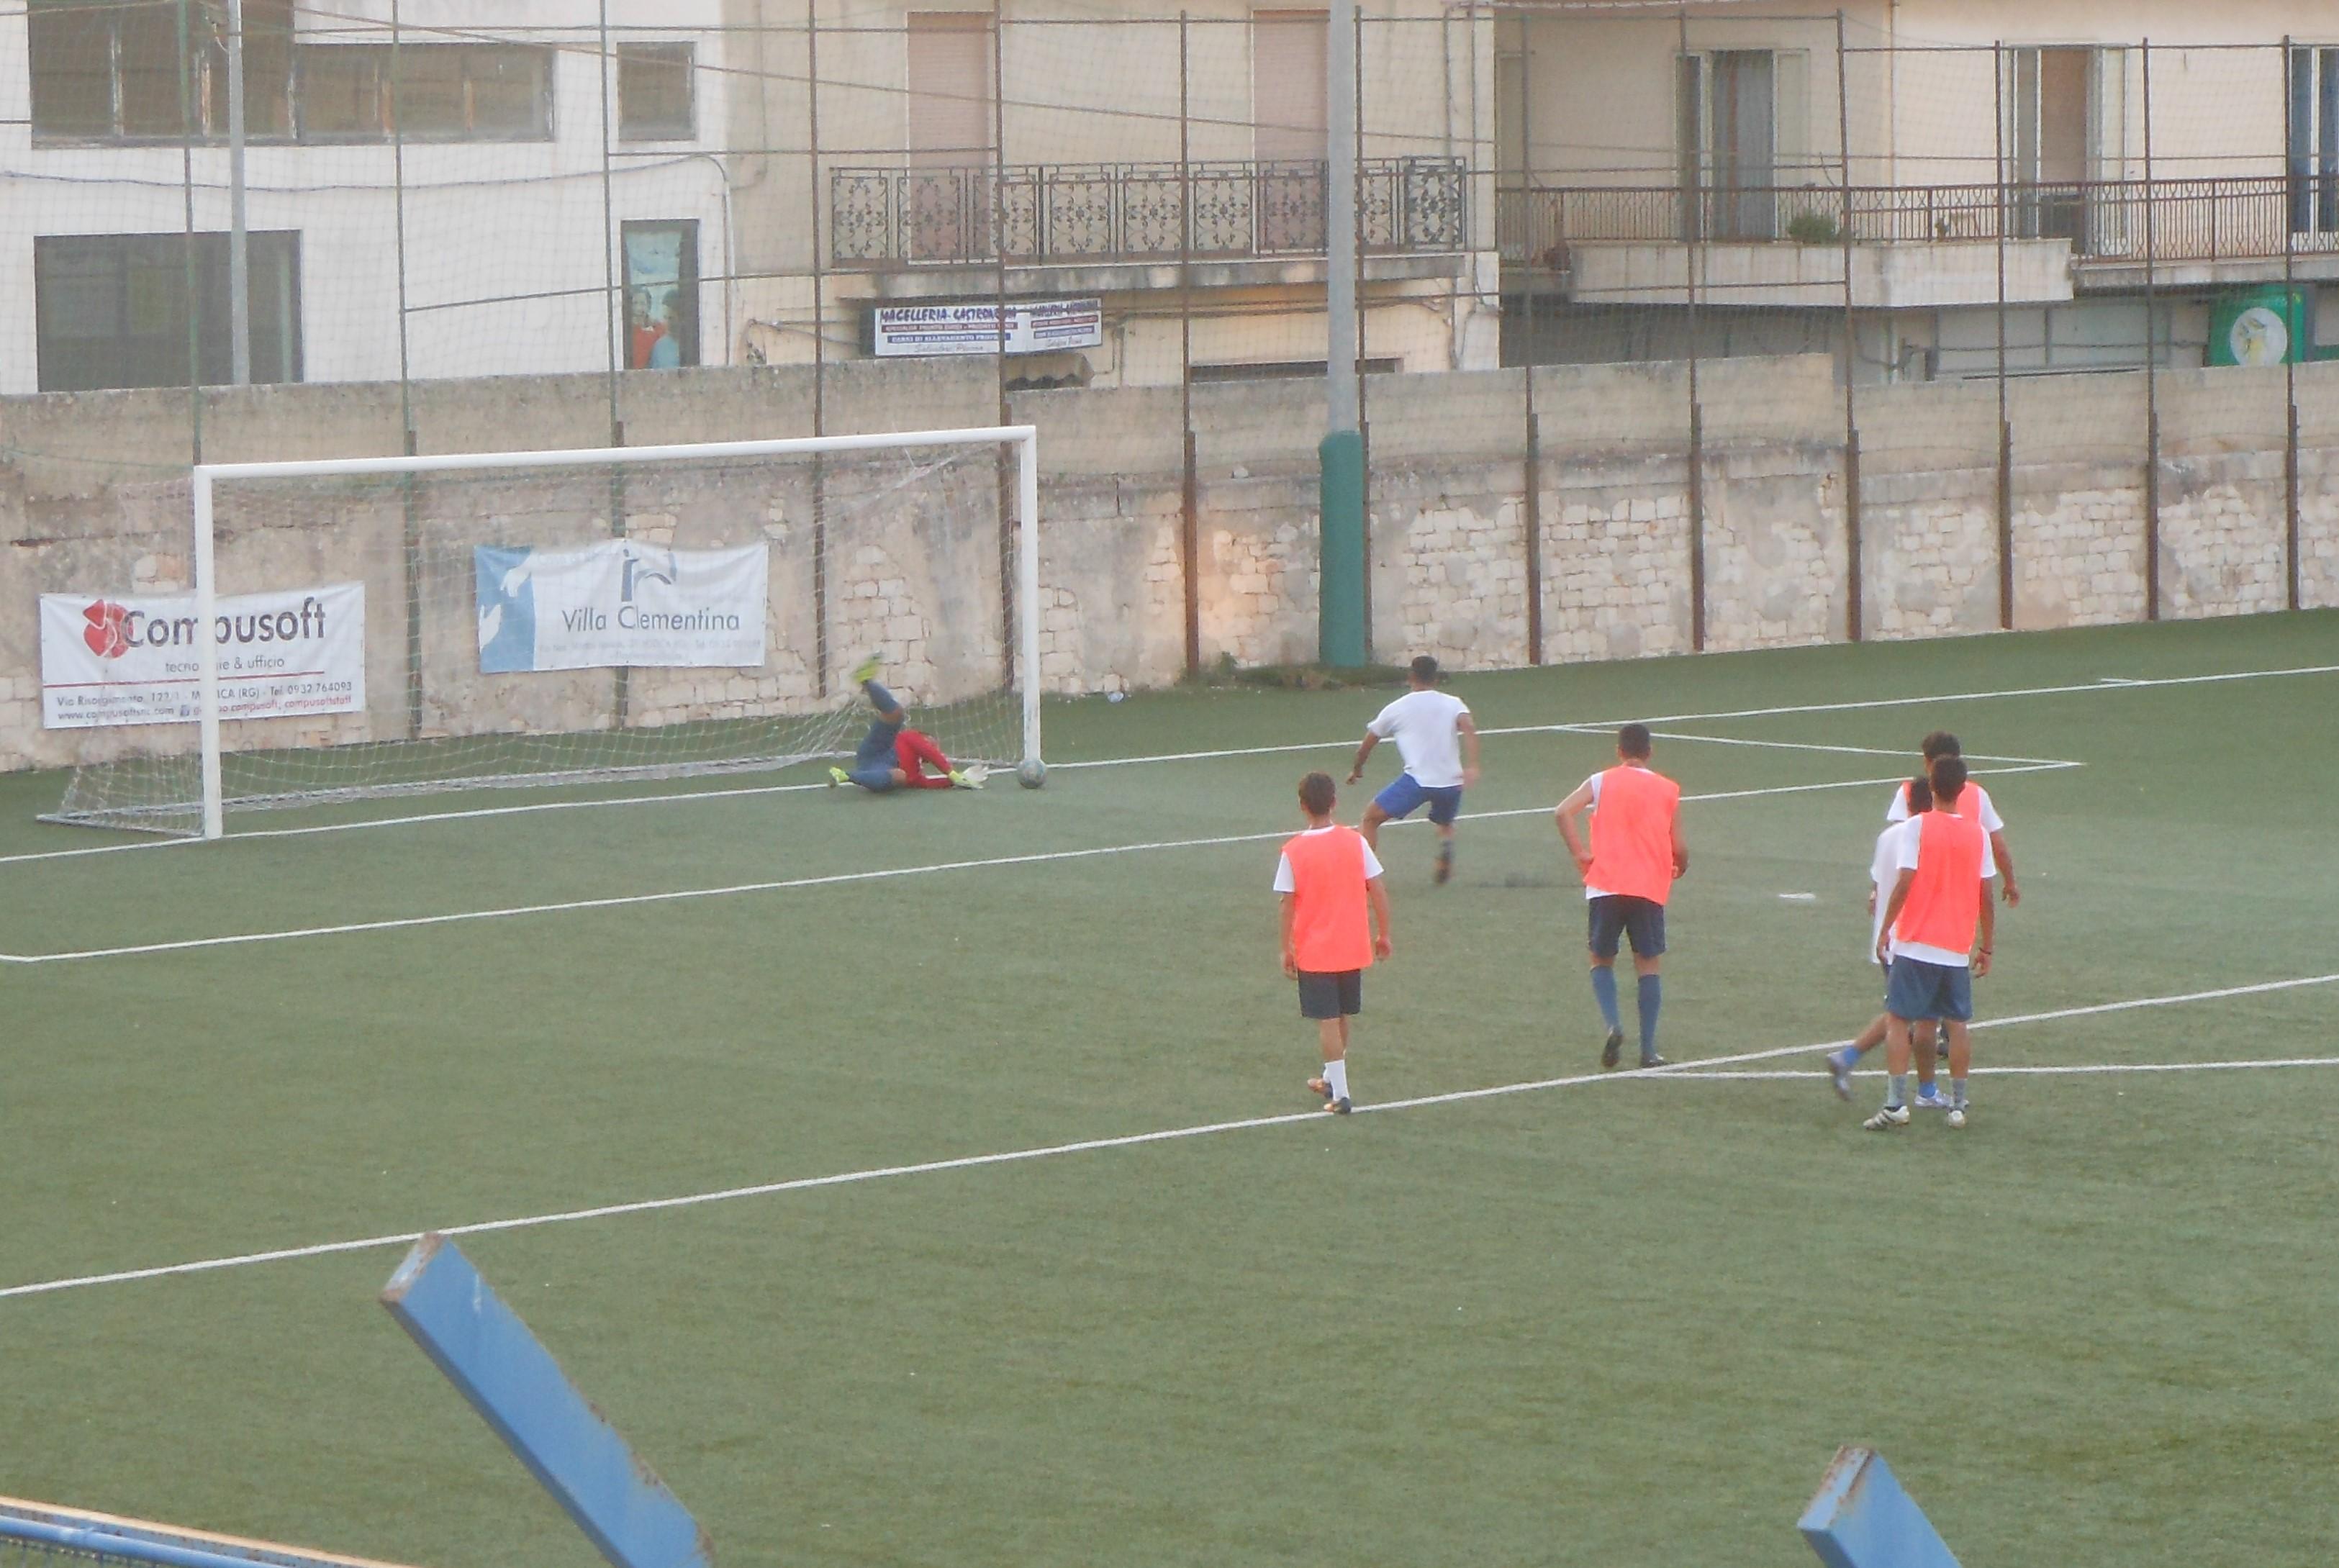 Calcio, il Modica batte in amichevole il Città di Ragusa: 5 a 3 il finale